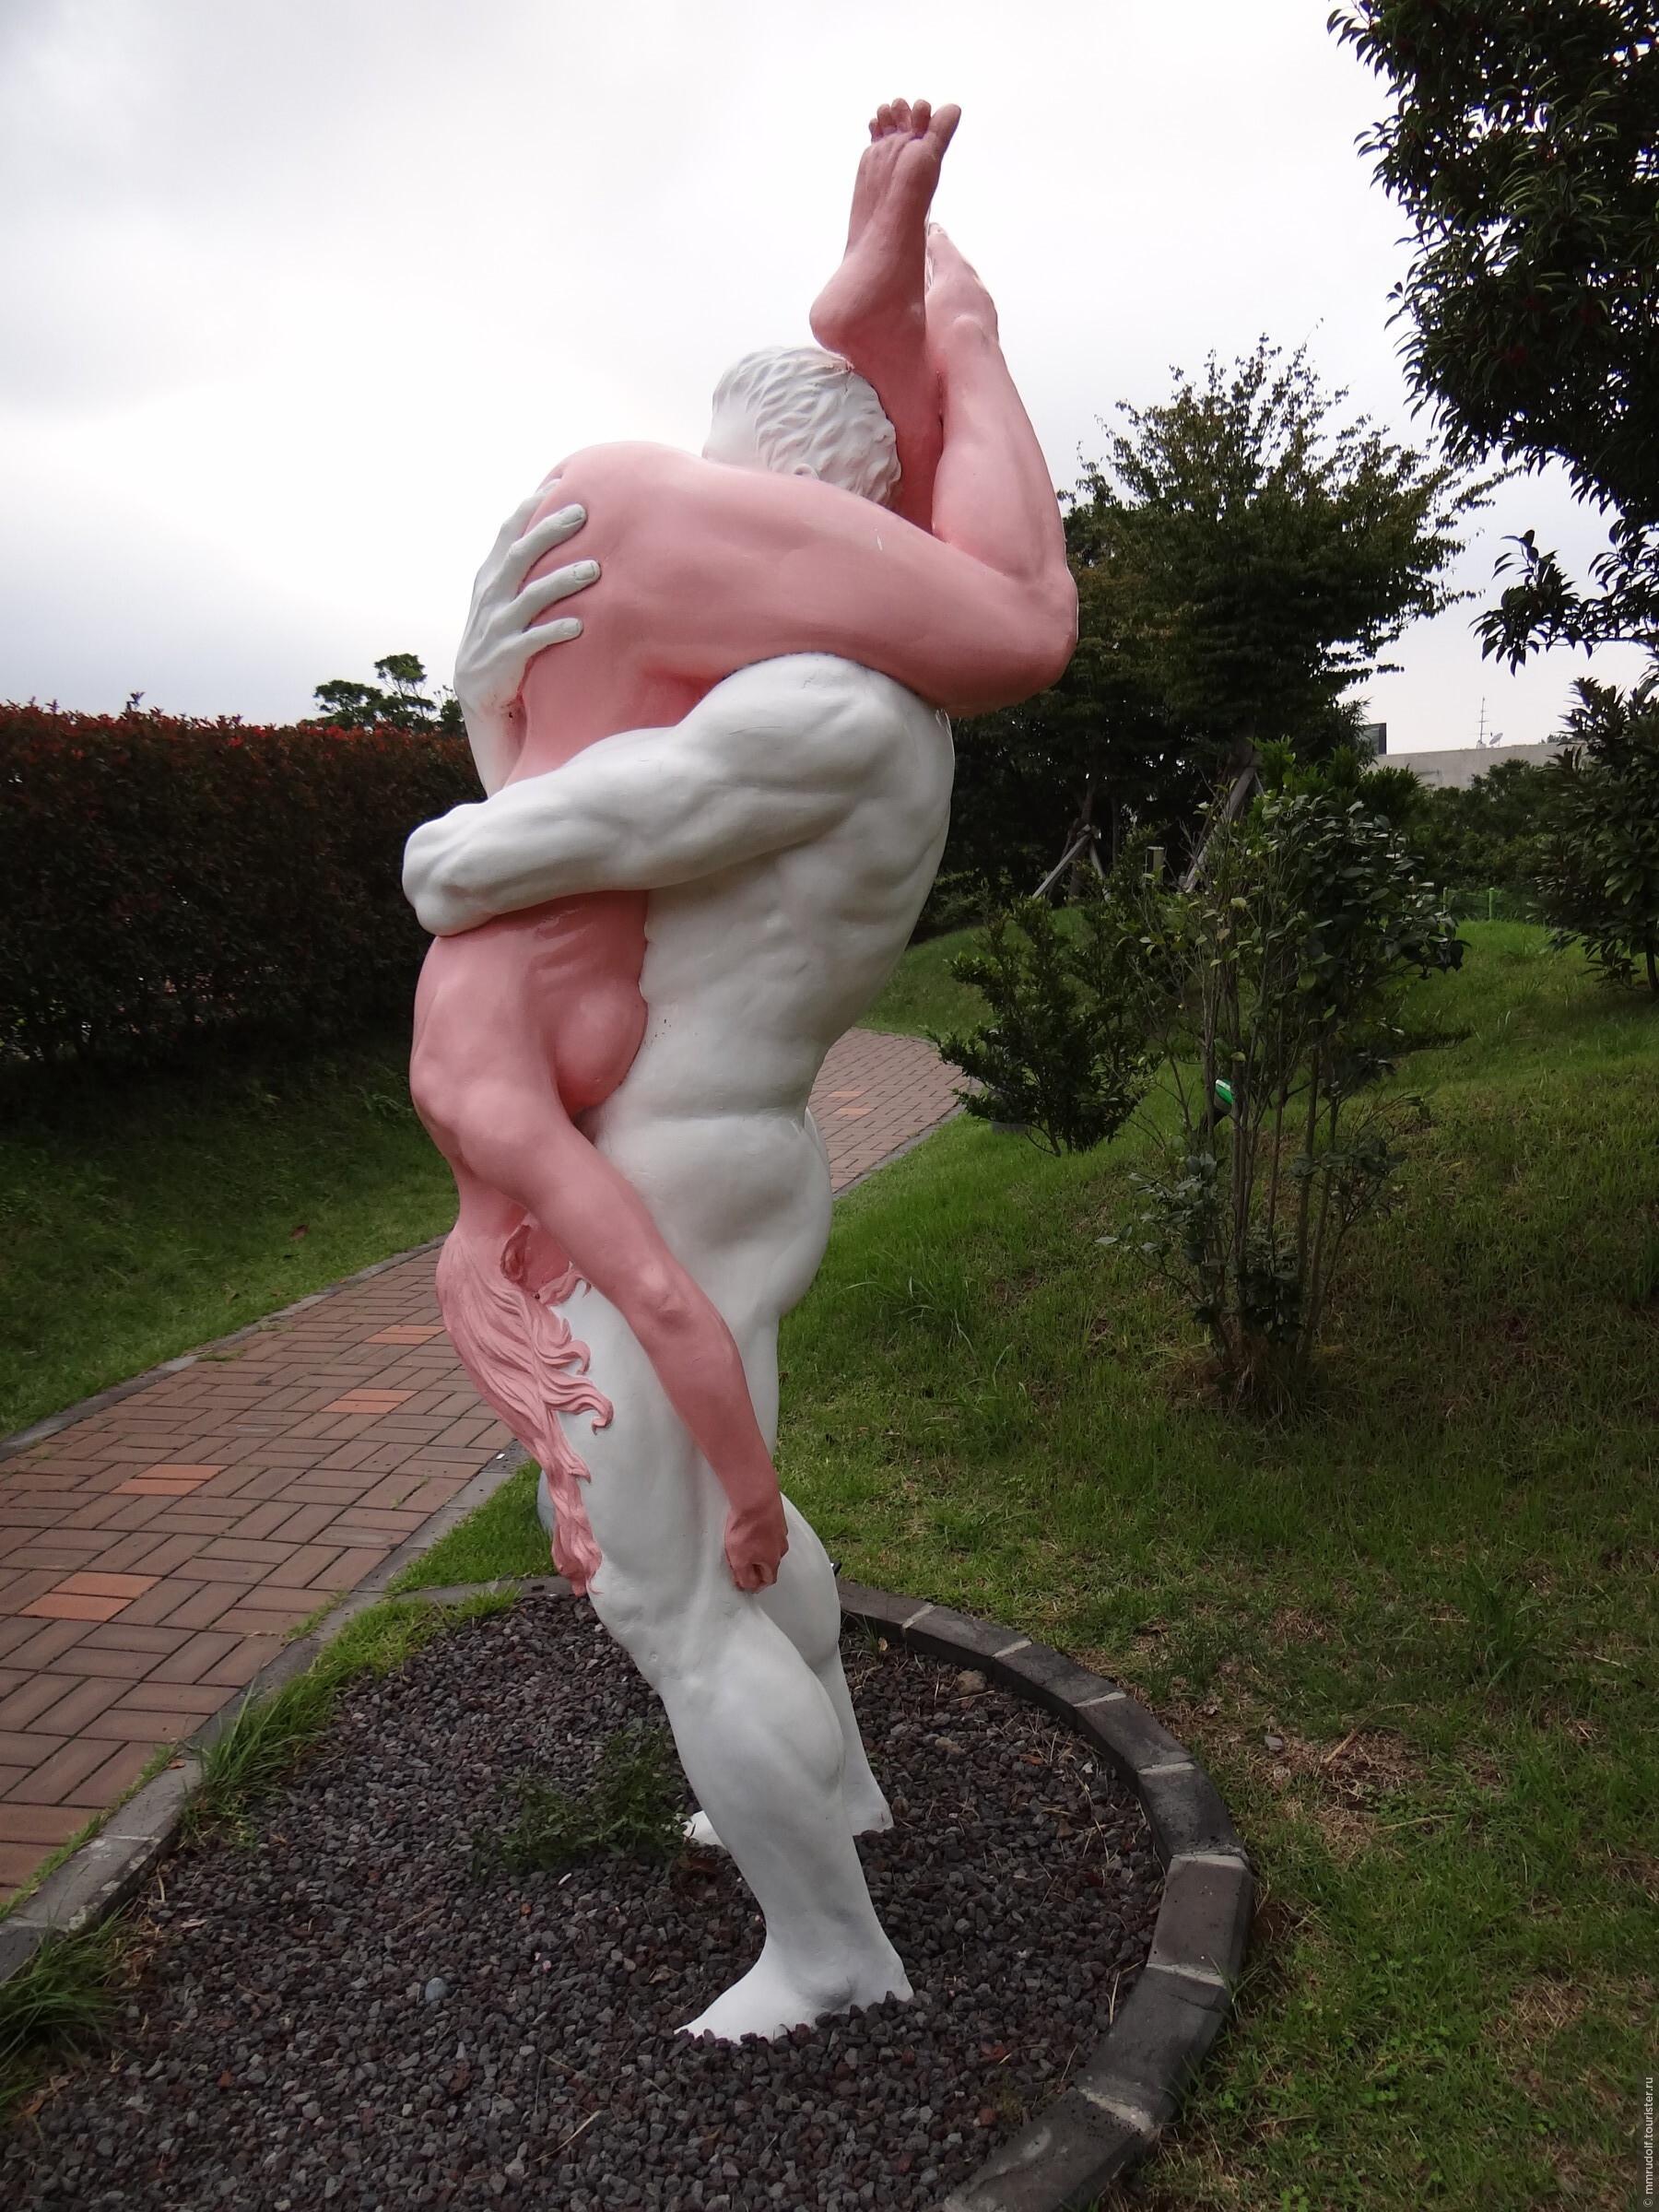 ploshad-i-pamyatnik-seksualnogo-raznoobraziya-urugvai